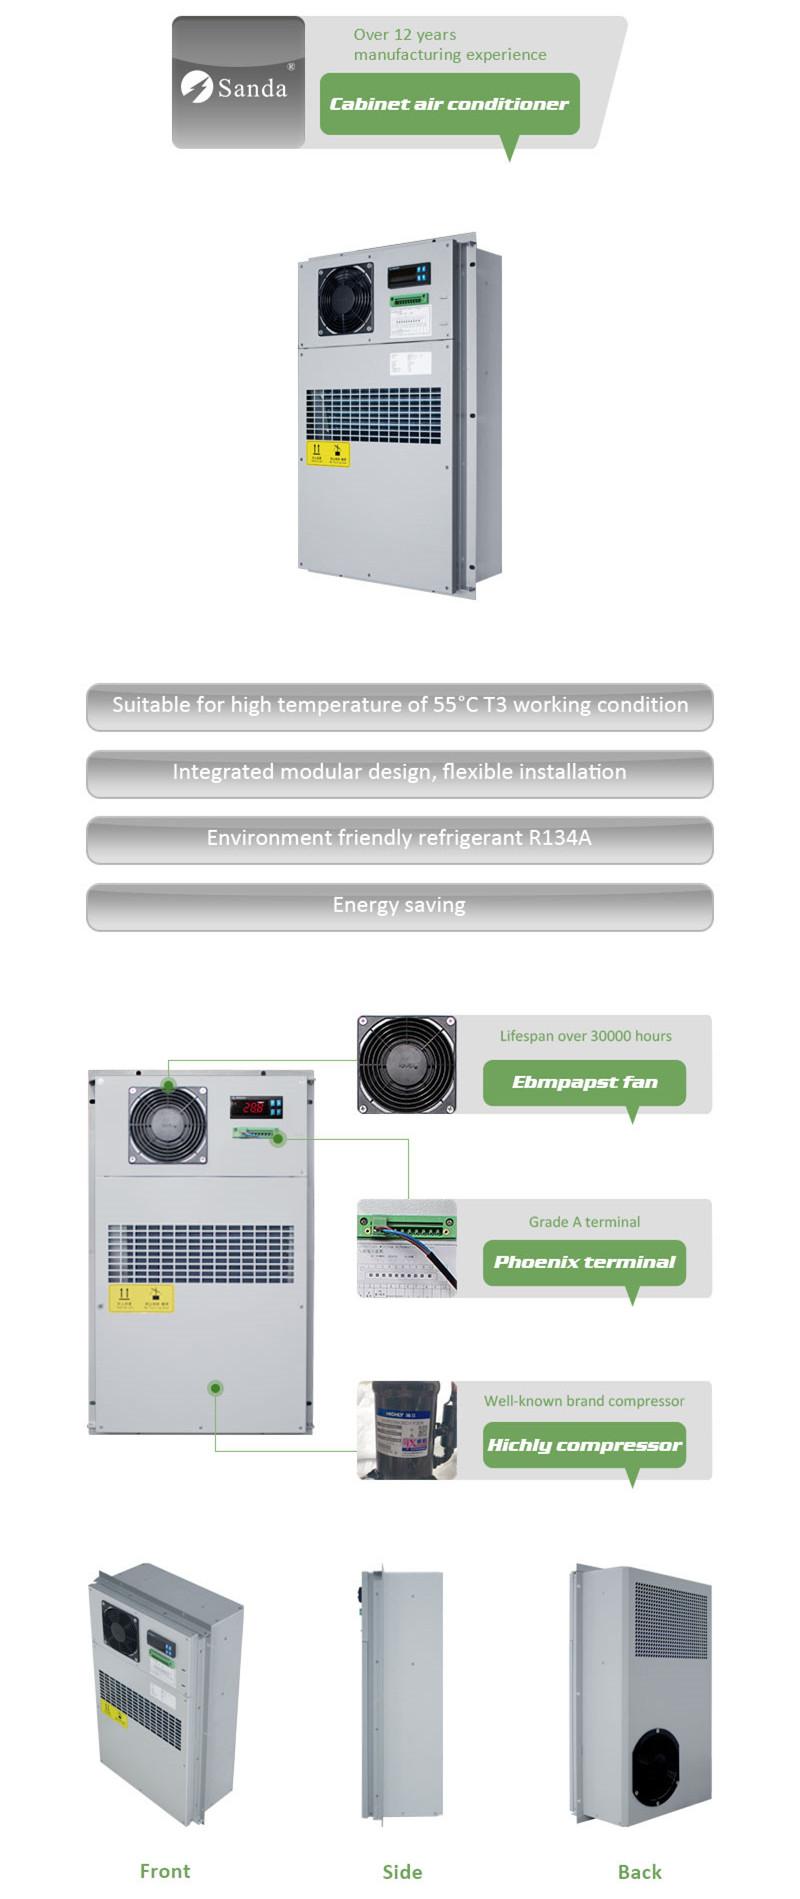 Incredible Sanda Telecom Cabinet Air Conditioner Sdca 020Ea Outdoor Air Interior Design Ideas Gentotthenellocom